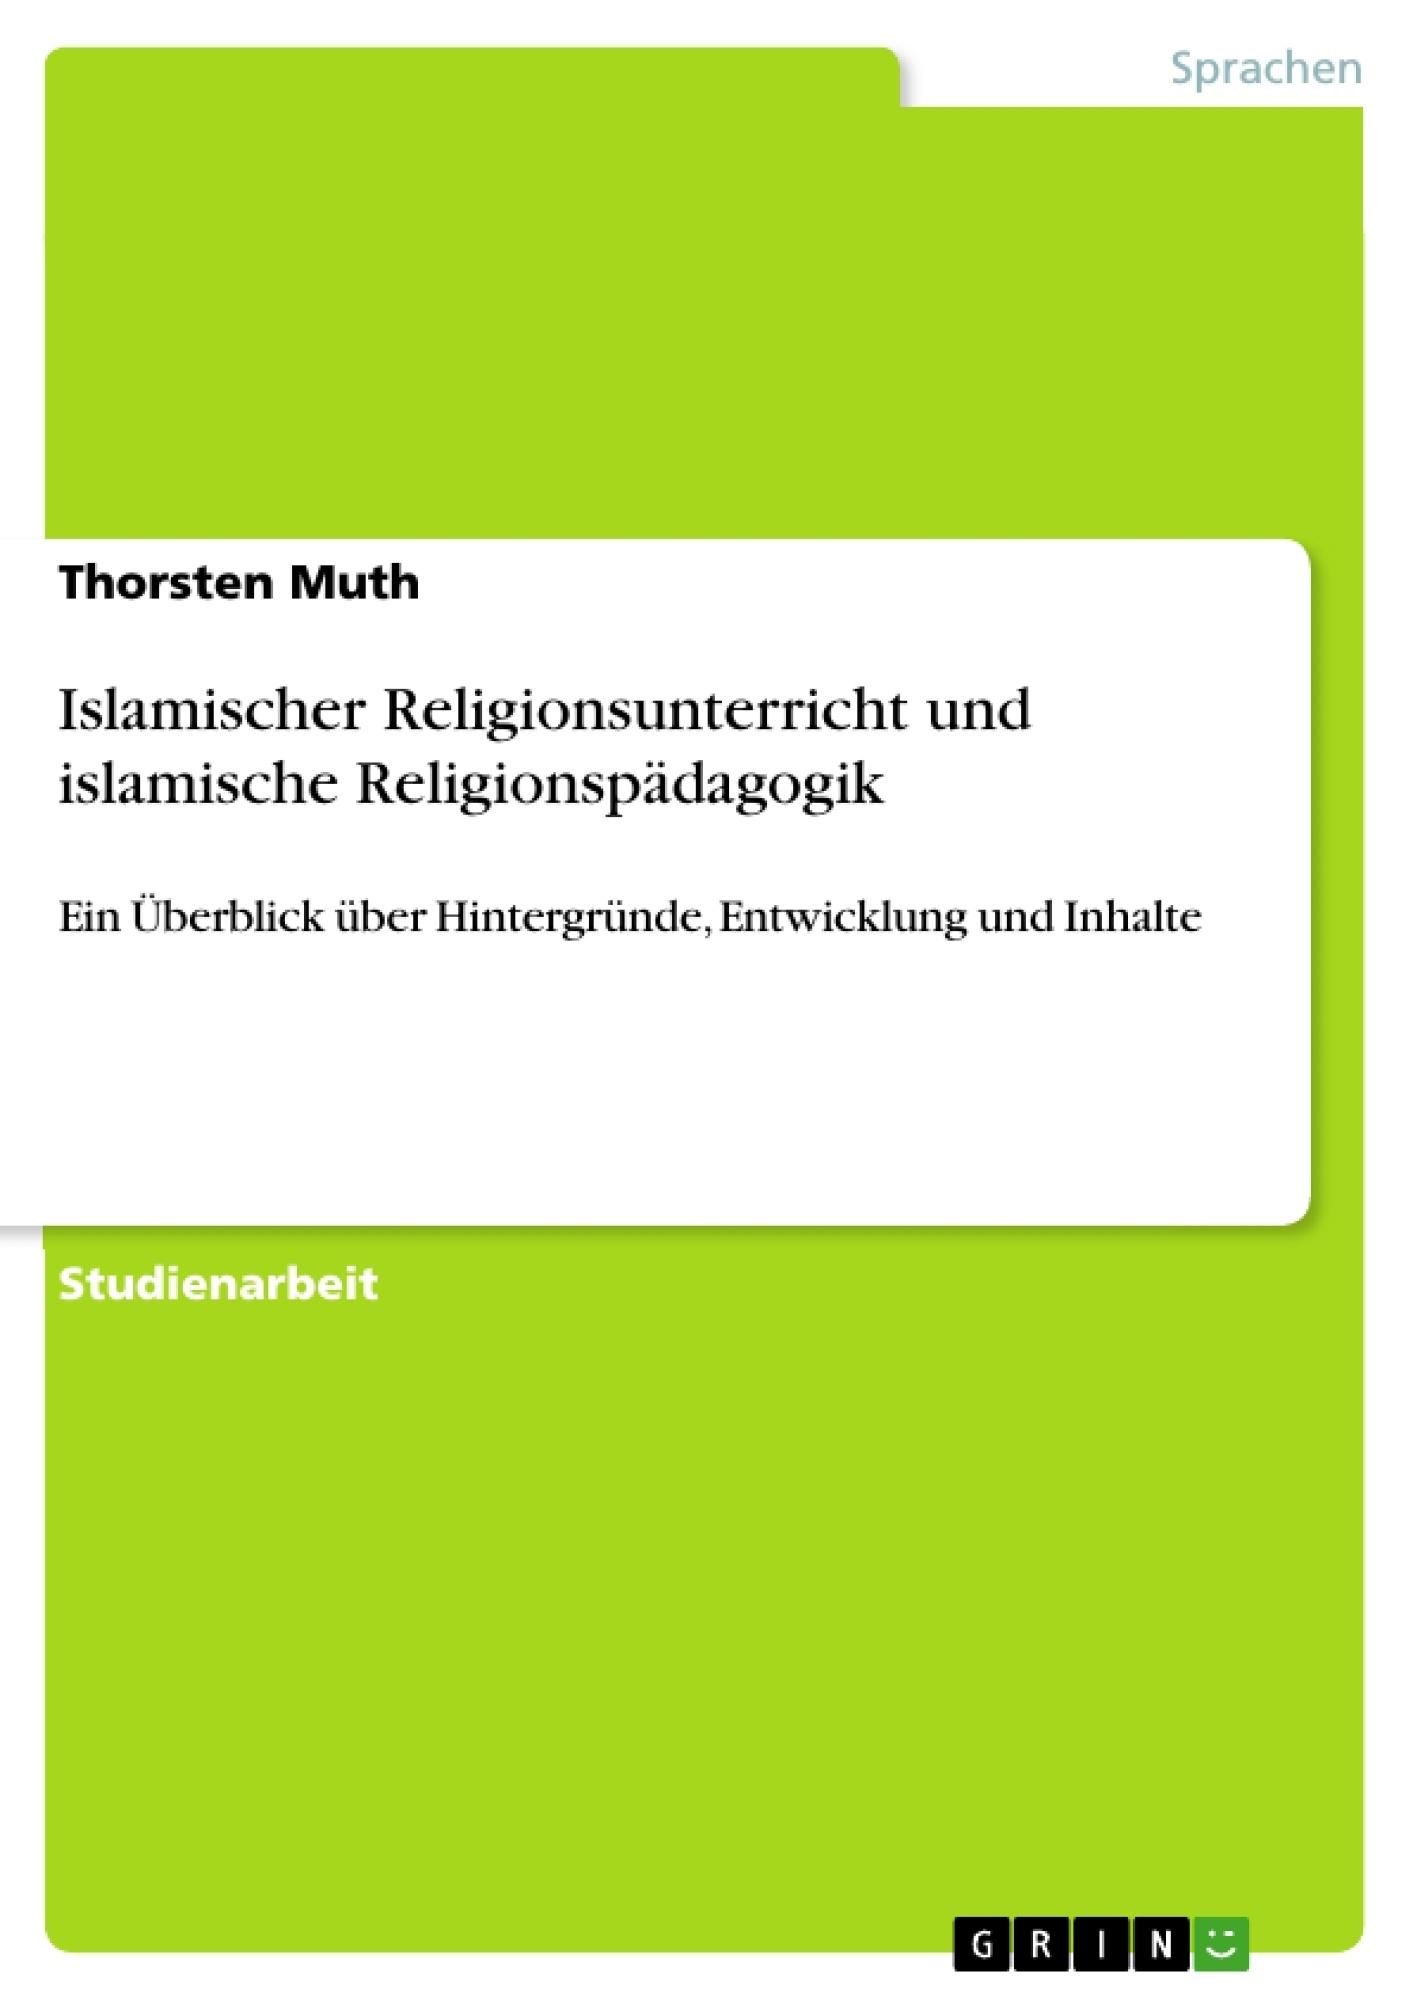 Titel: Islamischer Religionsunterricht und islamische Religionspädagogik